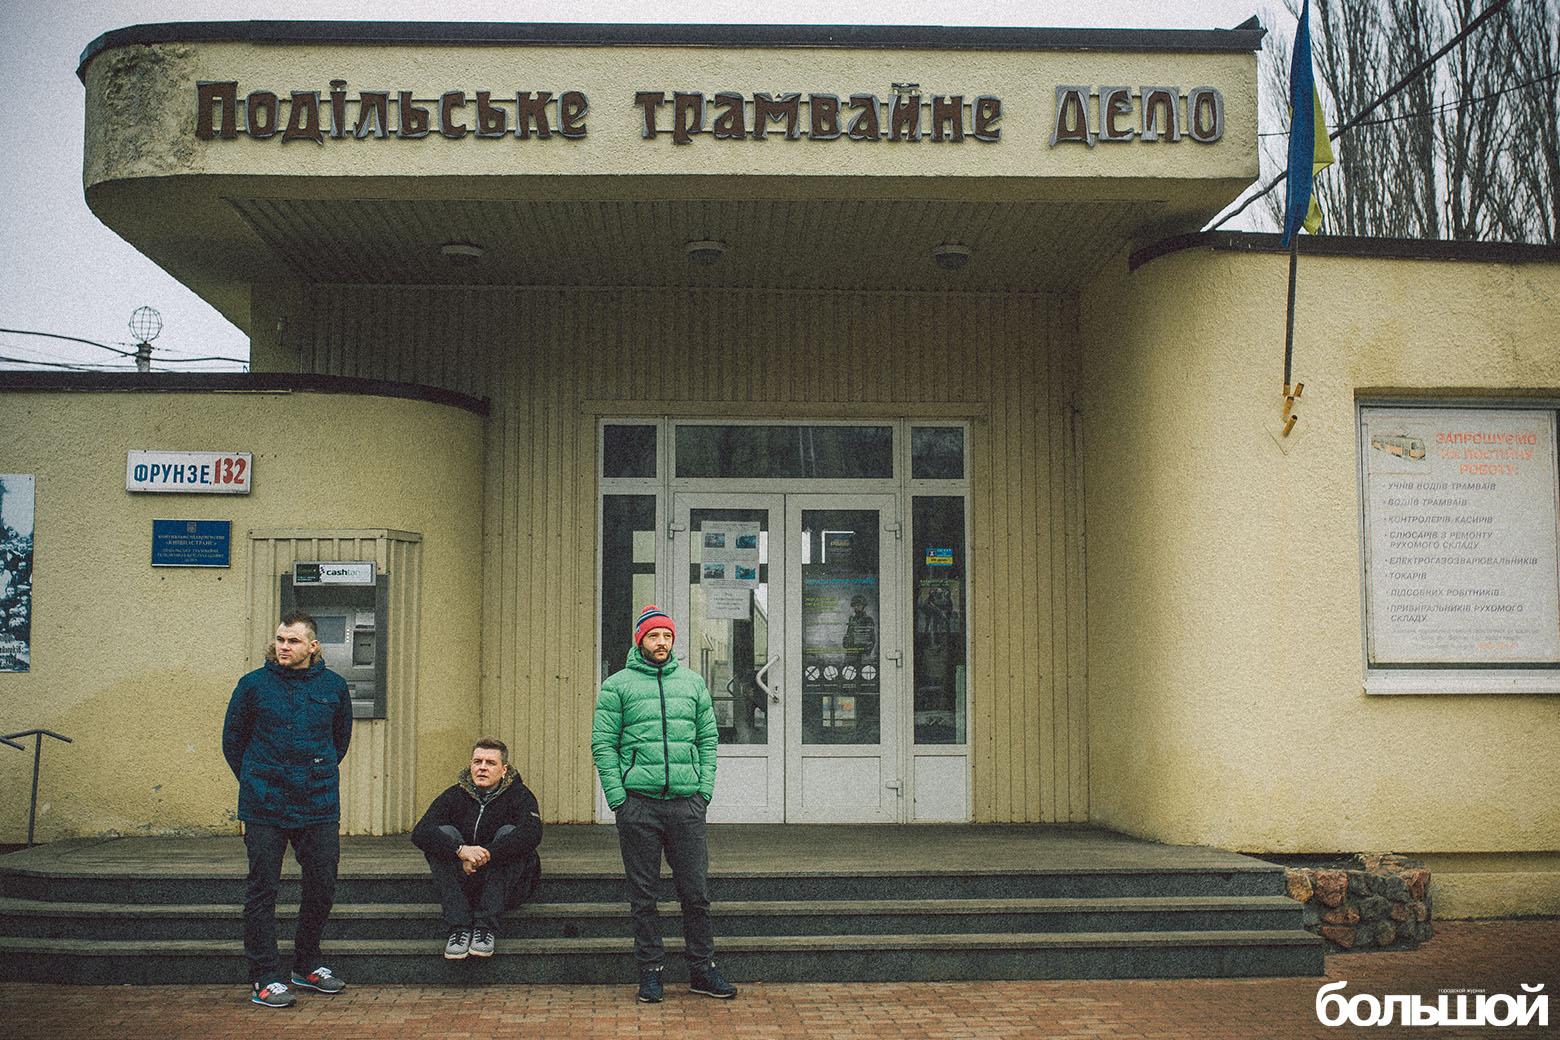 Антон Слепаков Вагоновожатые